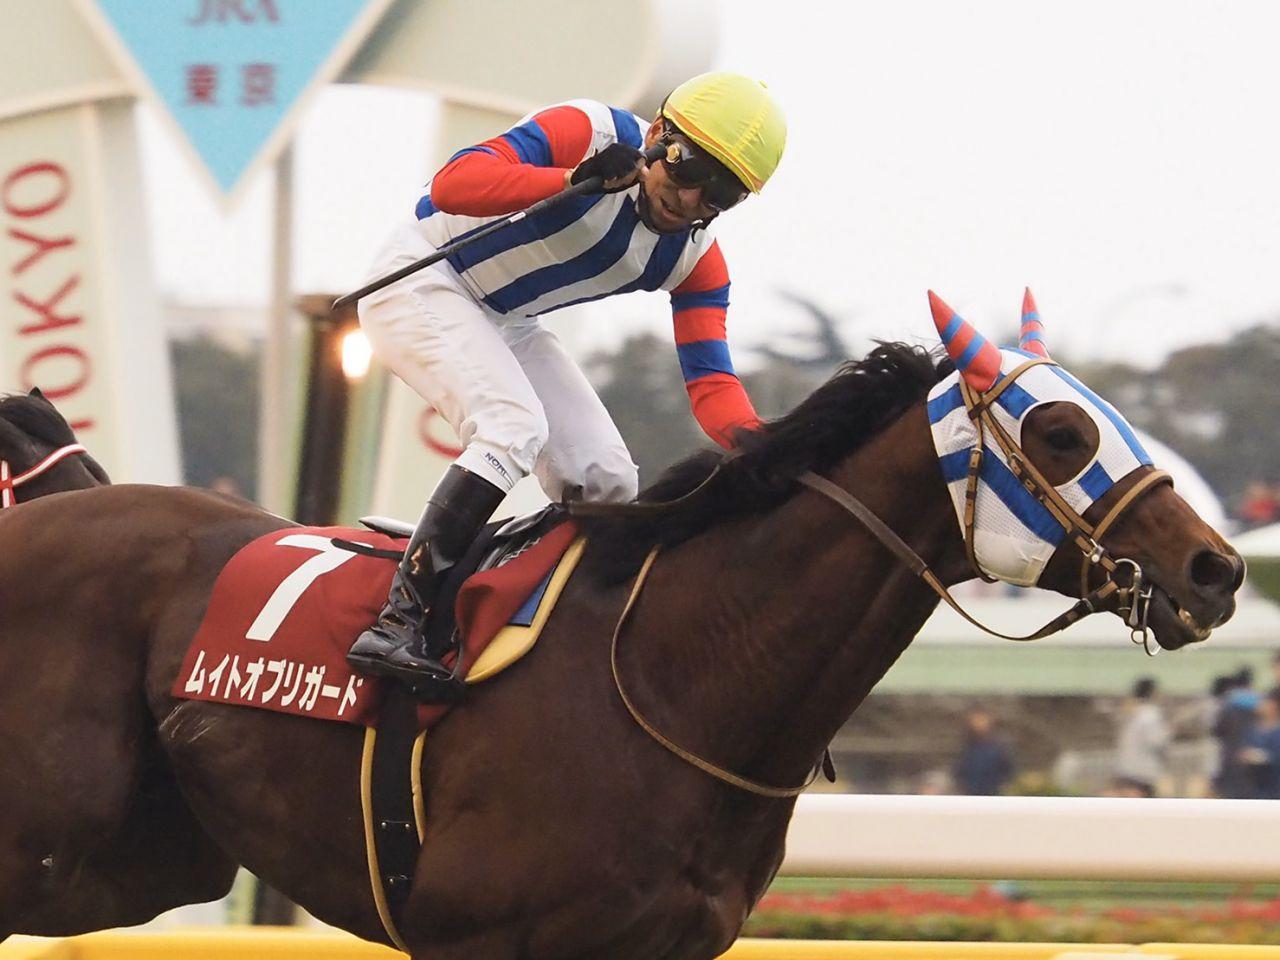 【アルゼンチン共和国杯】横山典「乗っていても楽でした」ムイトオブリガードが重賞初制覇!